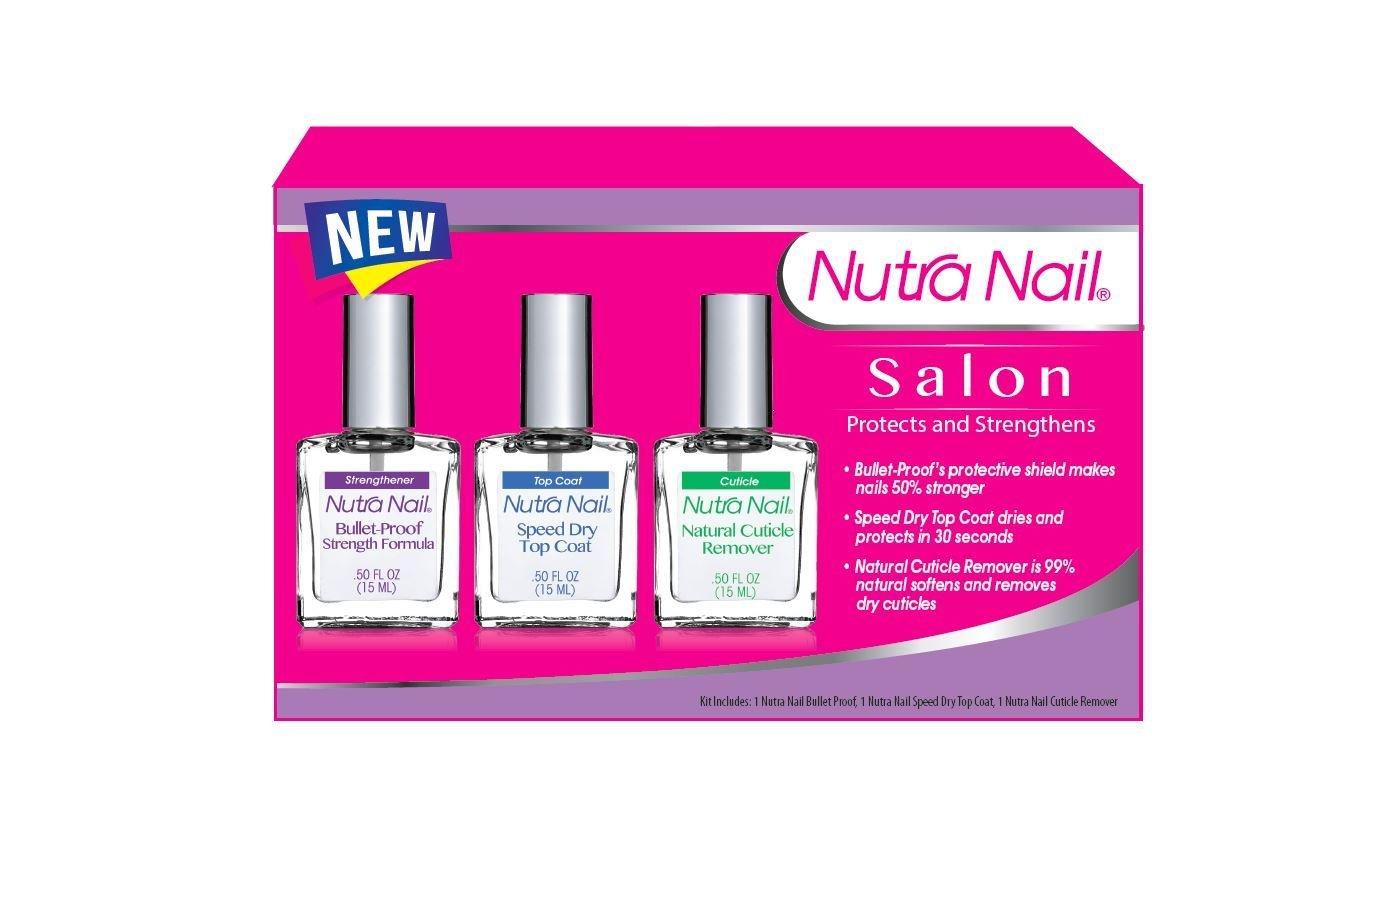 Nutra Nail Products - Pharmapacks